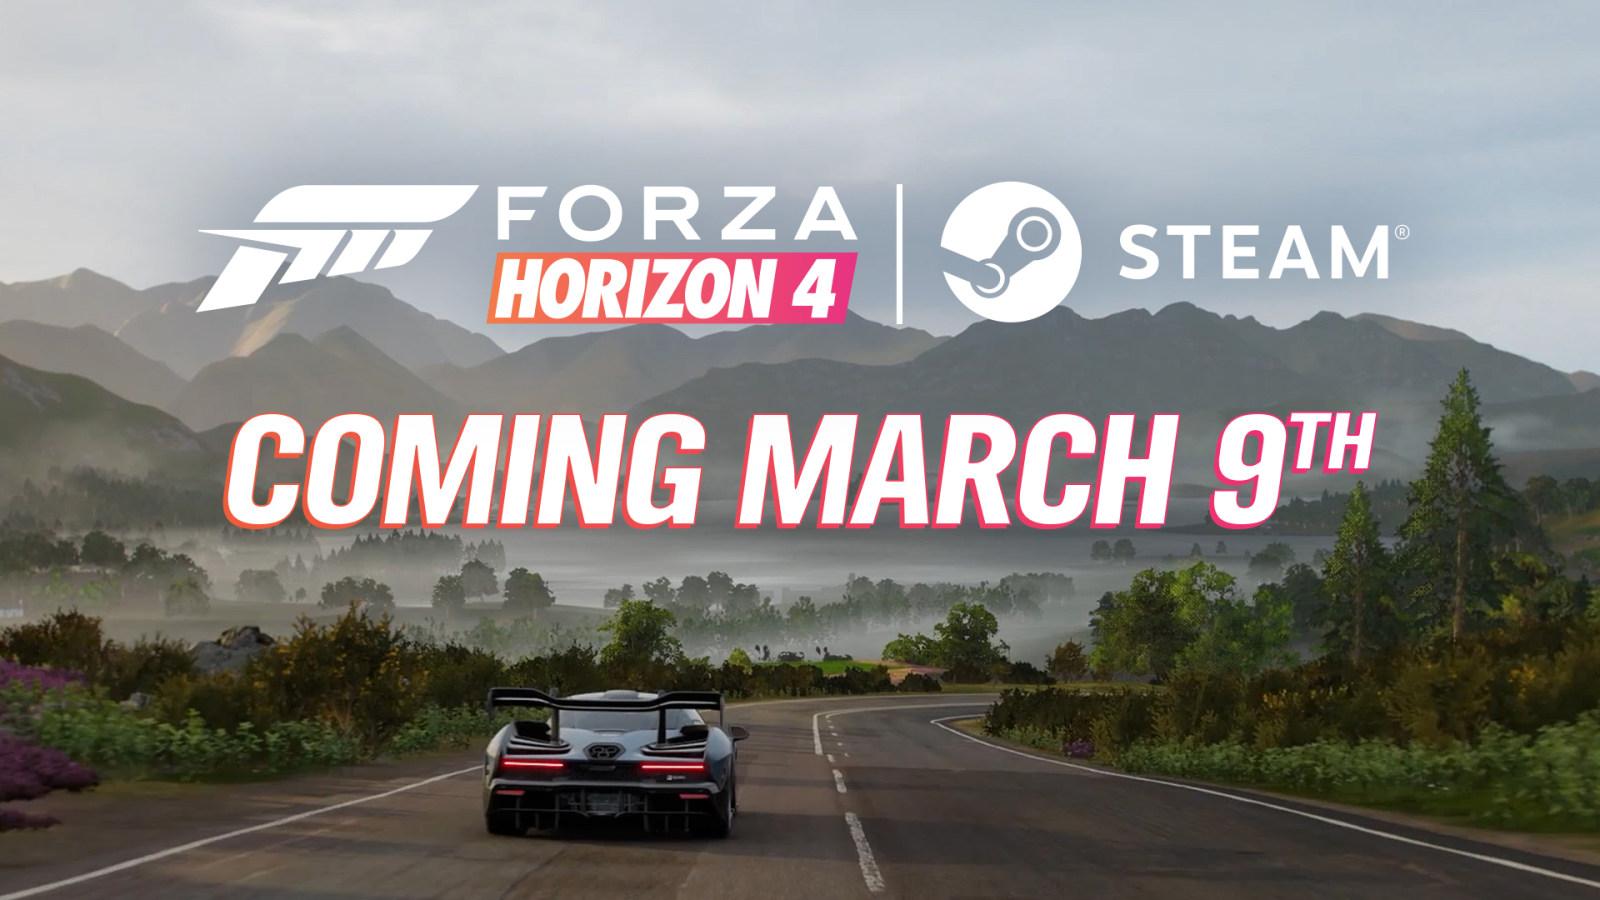 《极限竞速:地平线4》将于3月9日正式登陆Steam平台